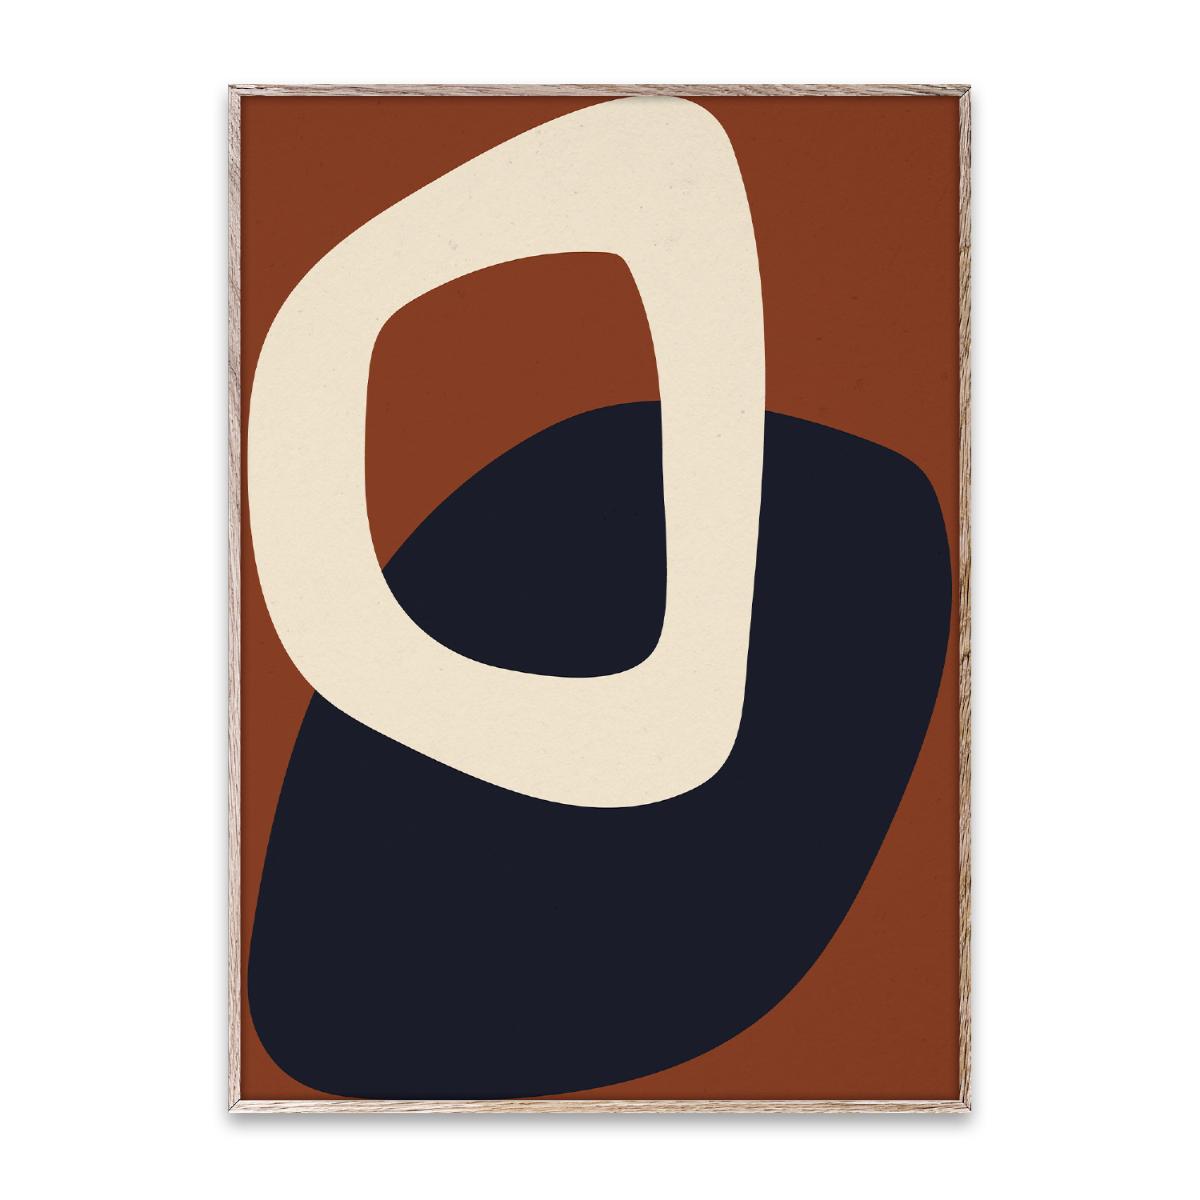 Designtorget Poster Solid Shapes 02 30x40 cm